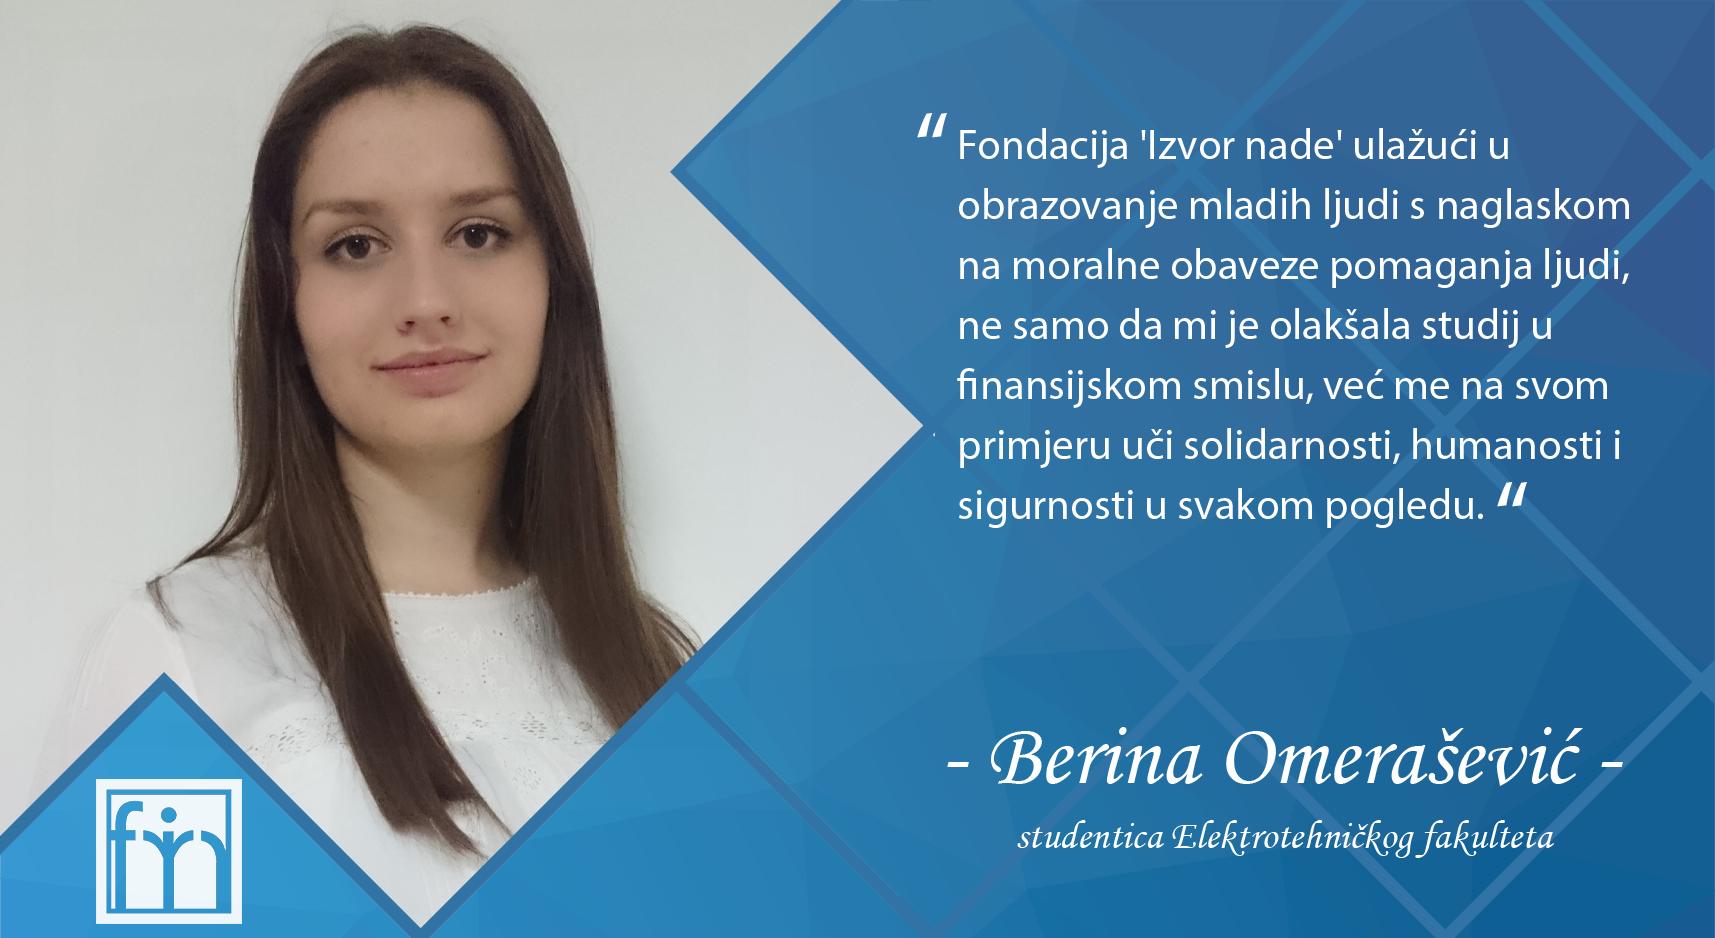 Berina_Omerasevic_Izvor_nade